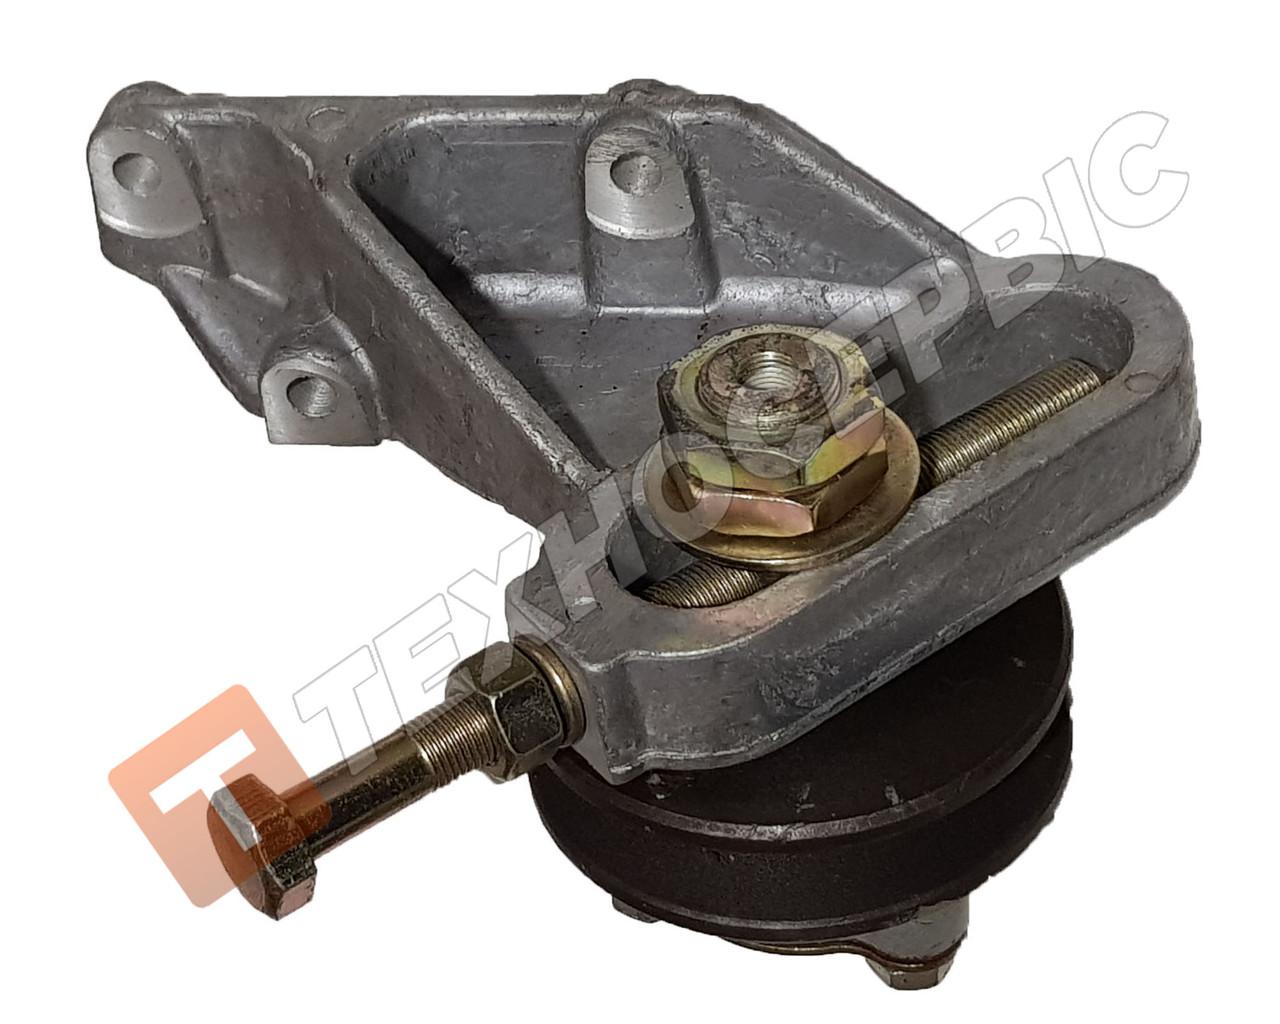 Устройство натяжное ремня компрессора с роликом ЯМЗ, натяжитель ремня компрессора МАЗ (236-3509300)